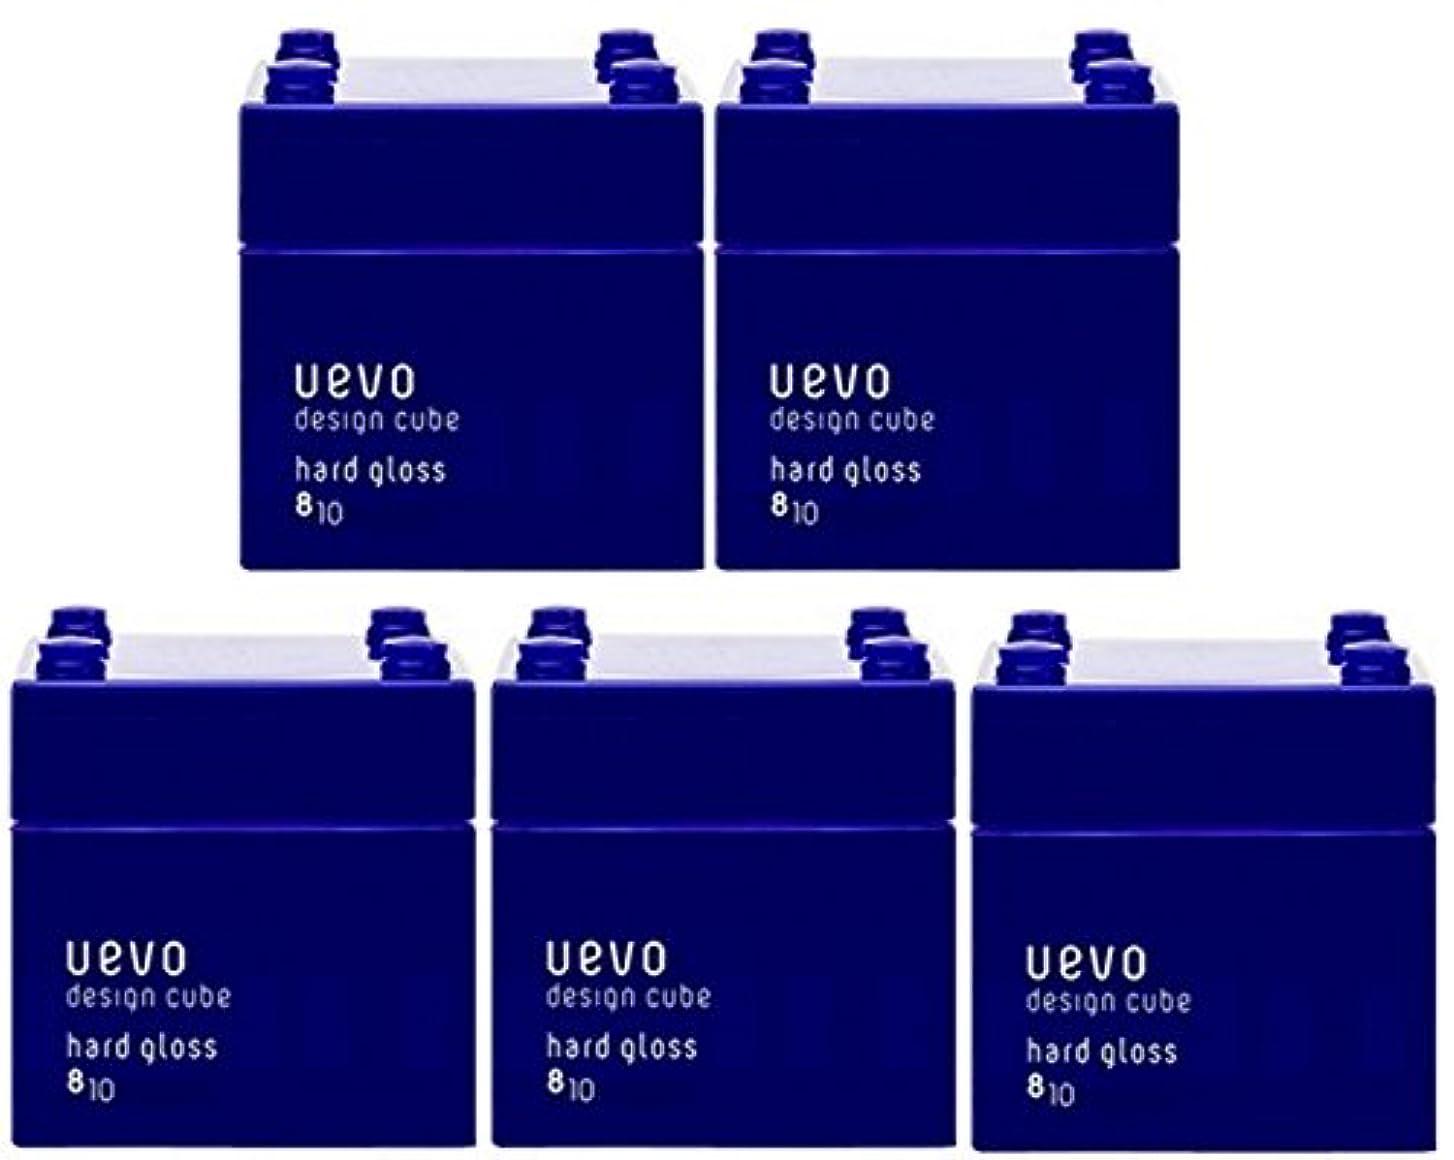 キャンディー続けるあそこ【X5個セット】 デミ ウェーボ デザインキューブ ハードグロス 80g hard gloss DEMI uevo design cube